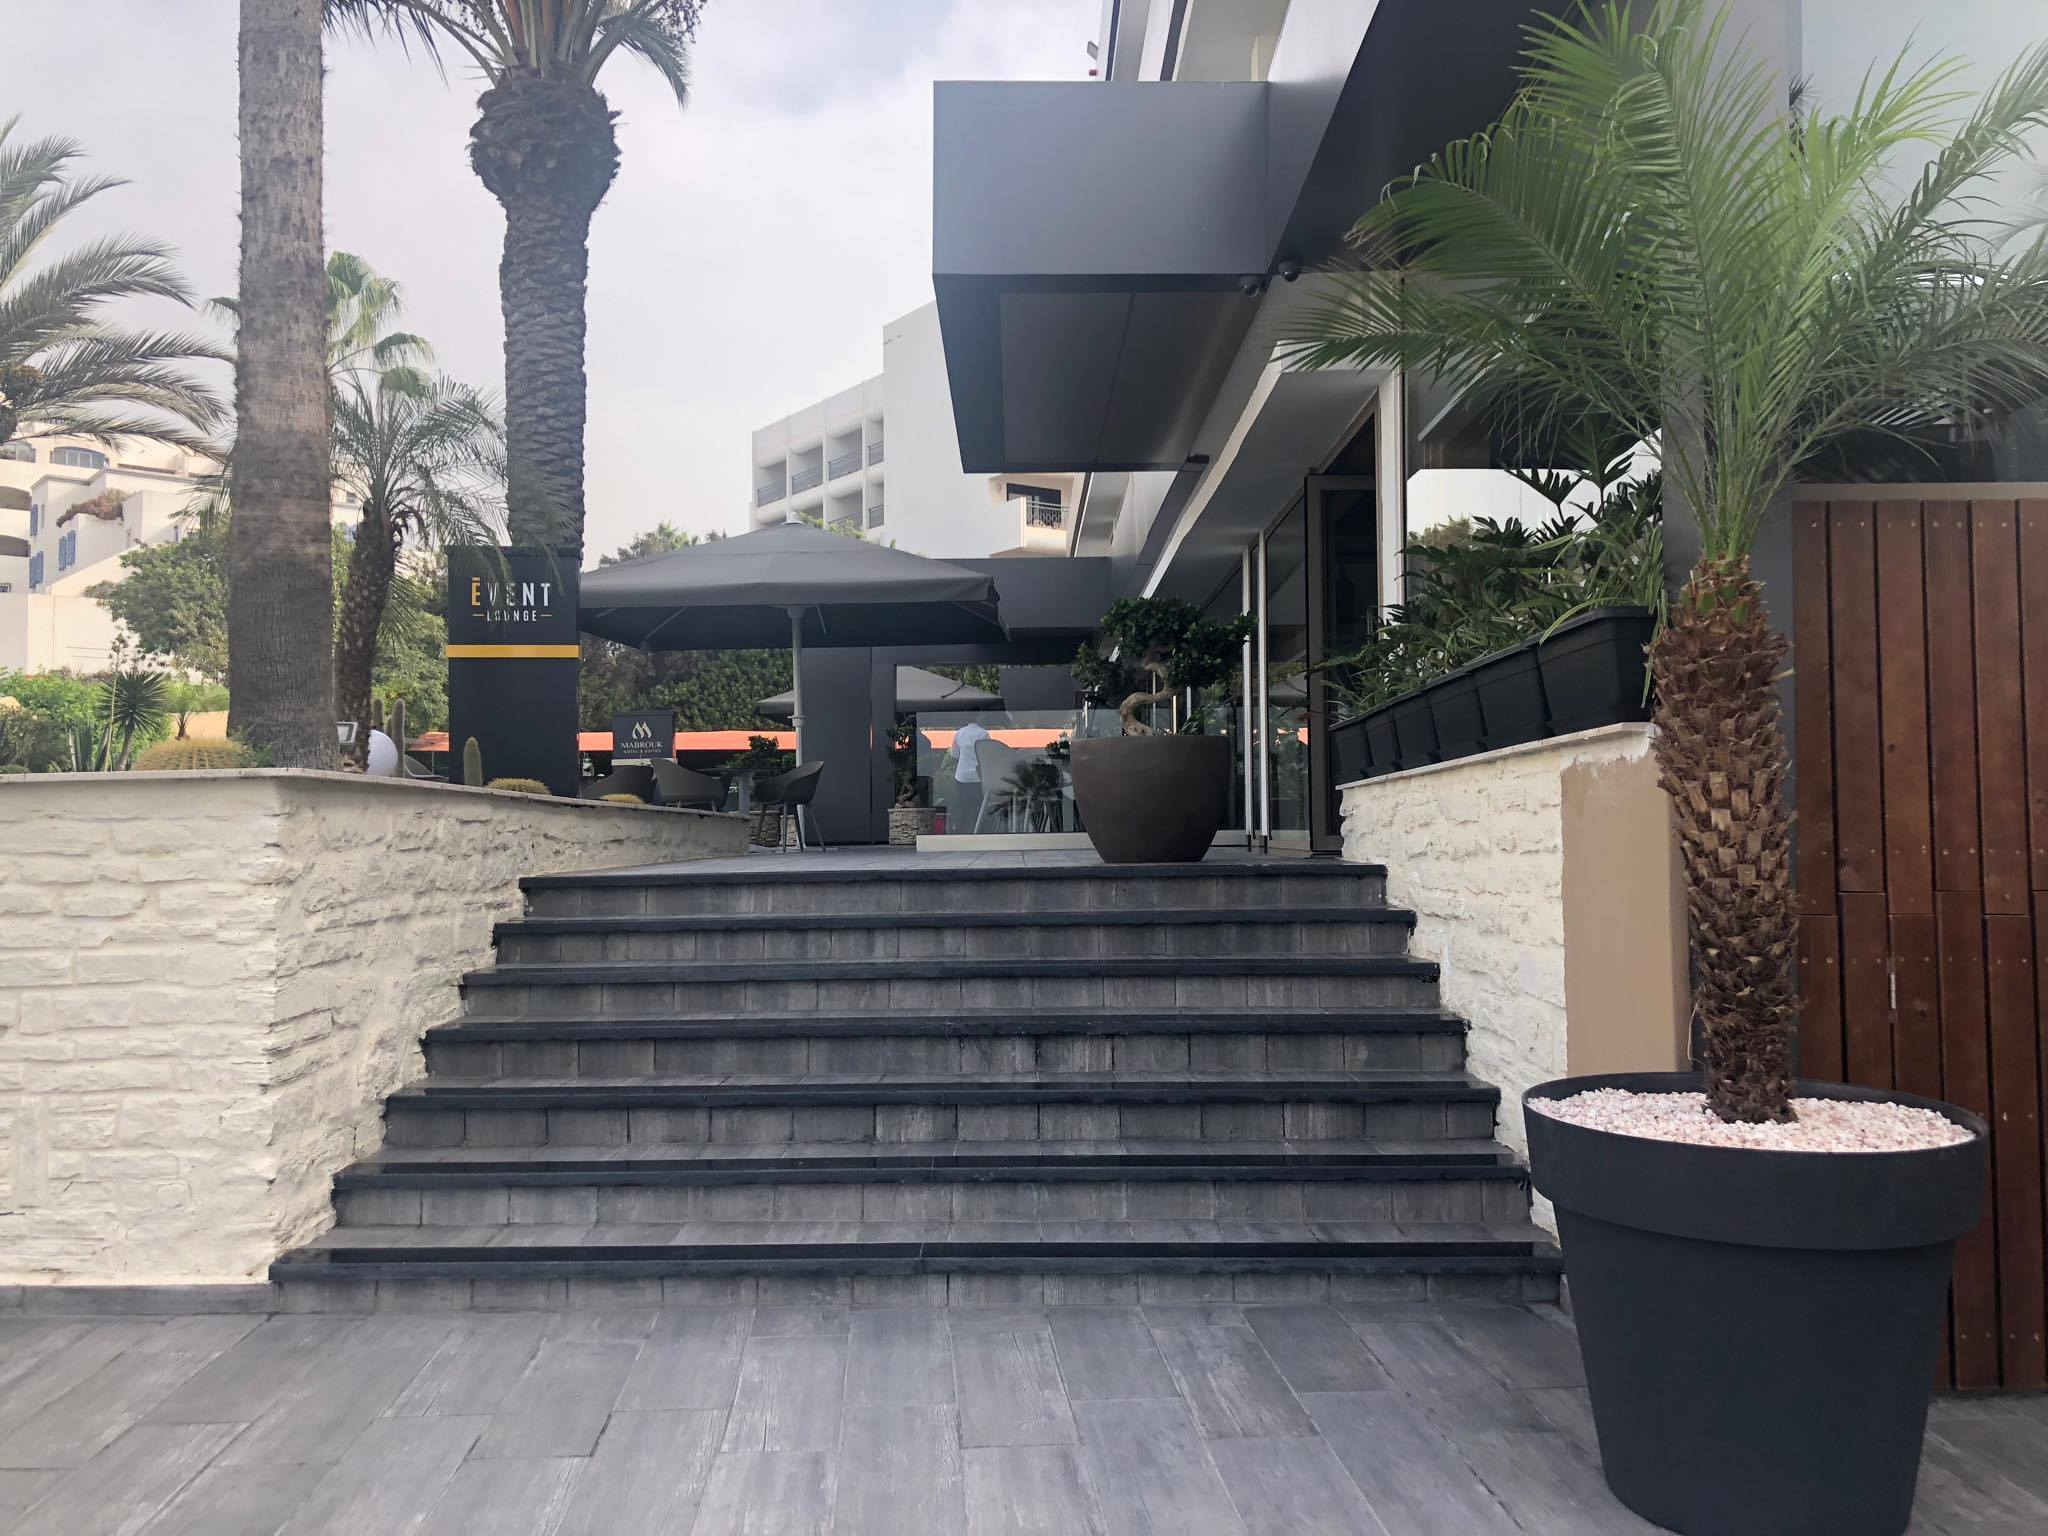 افتتاح فندق مبروك بأكادير بحضور مسؤلي السياحة بالجهة